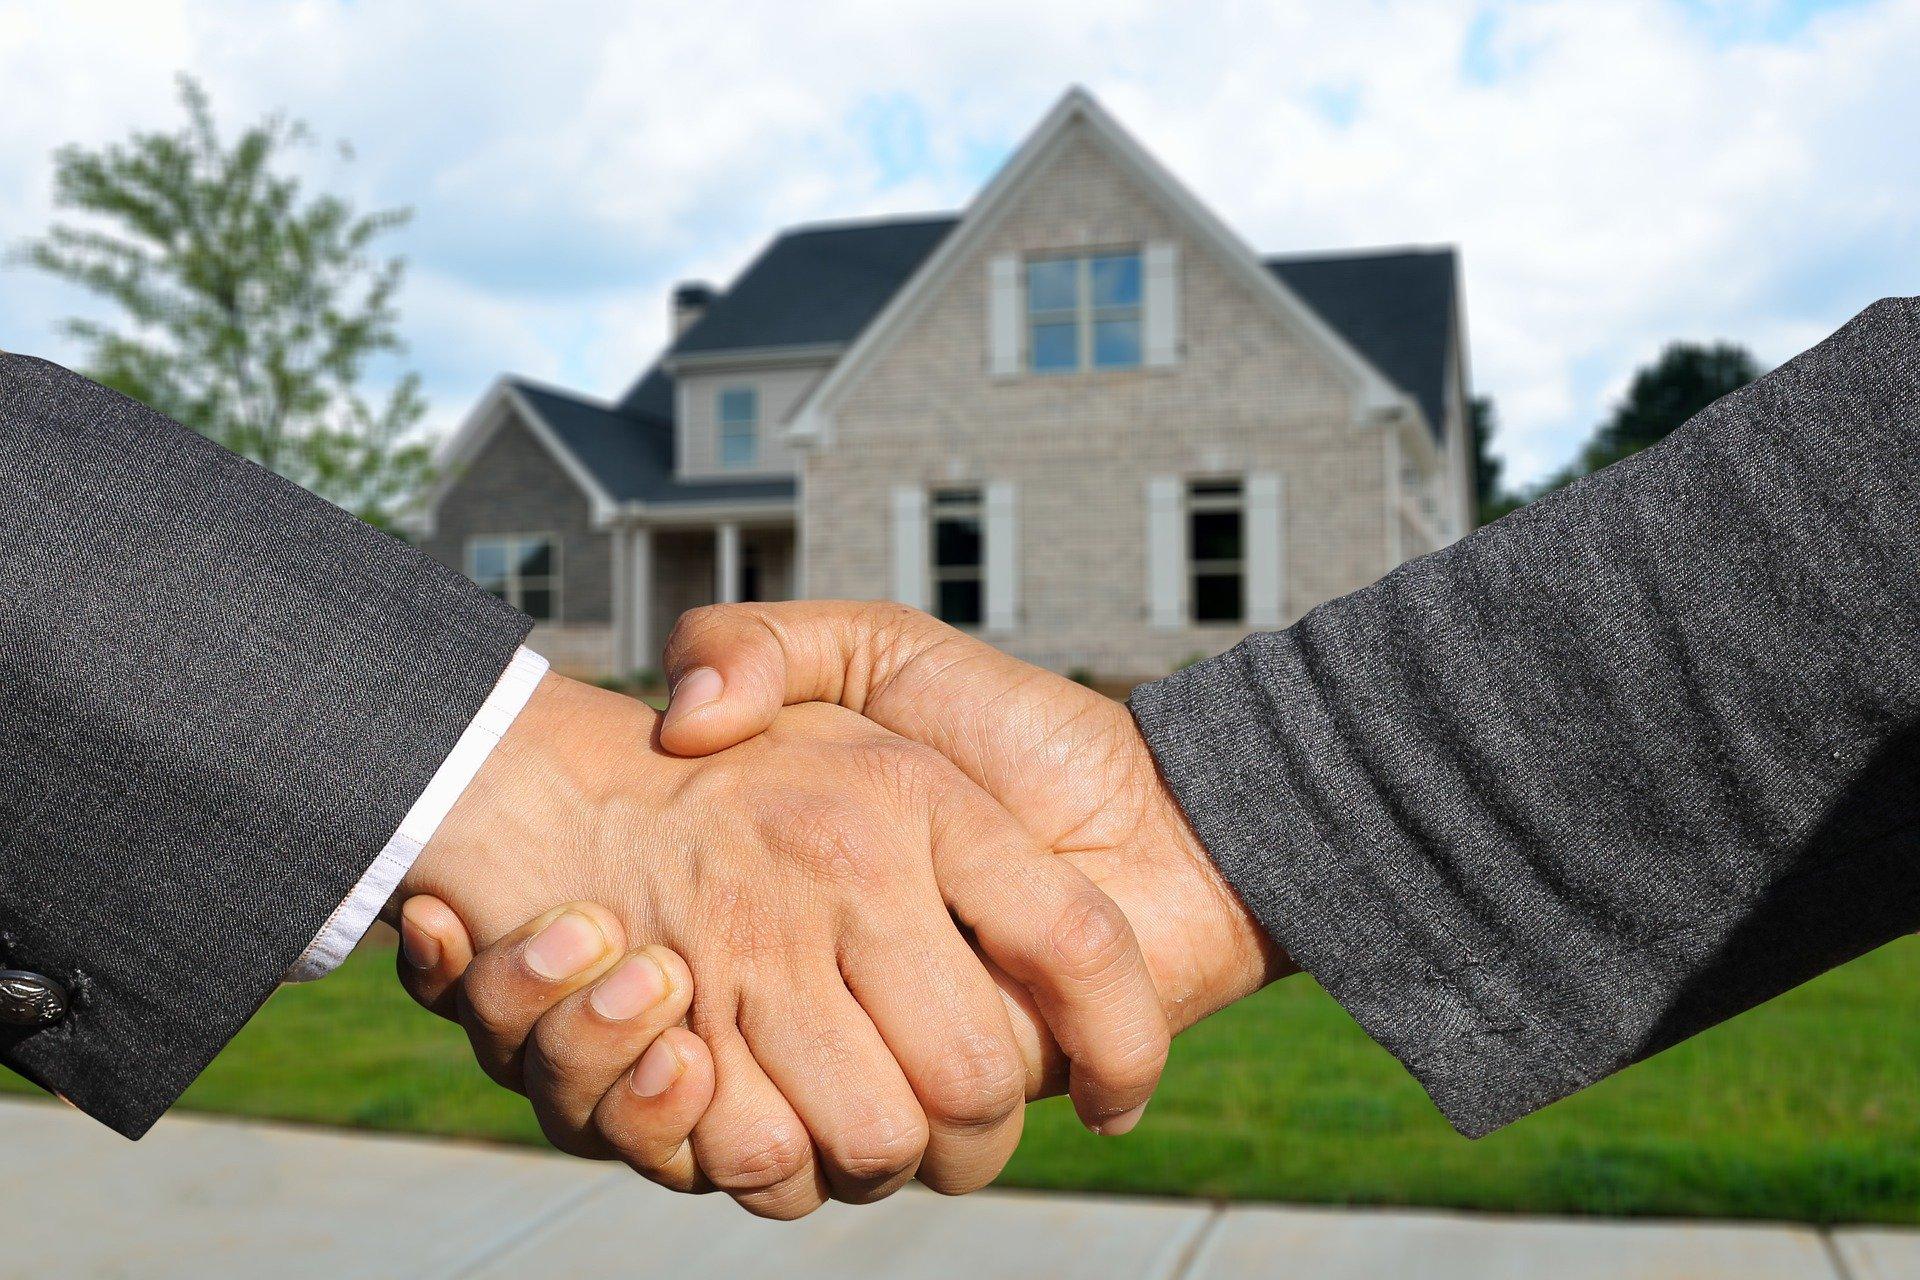 Qui doit payer la plue value immobilière?